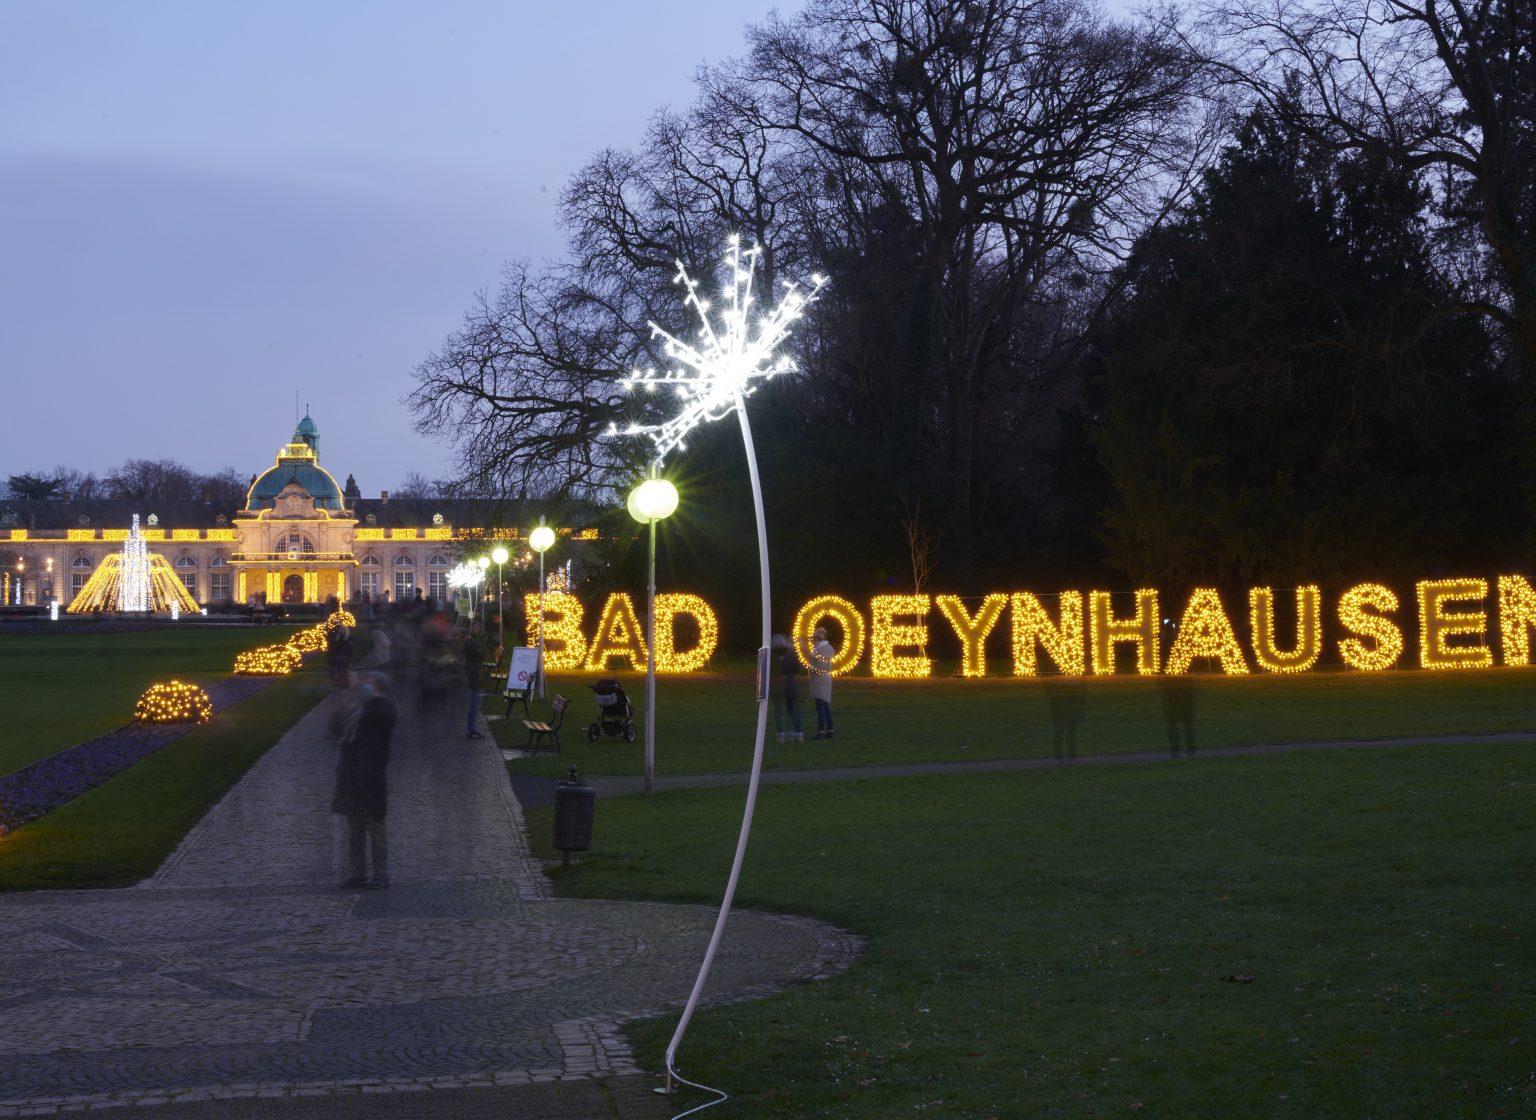 Weihnachtsbeleuchtung des Kurparks der Stadt Bad Oeynhausen, Deutschland